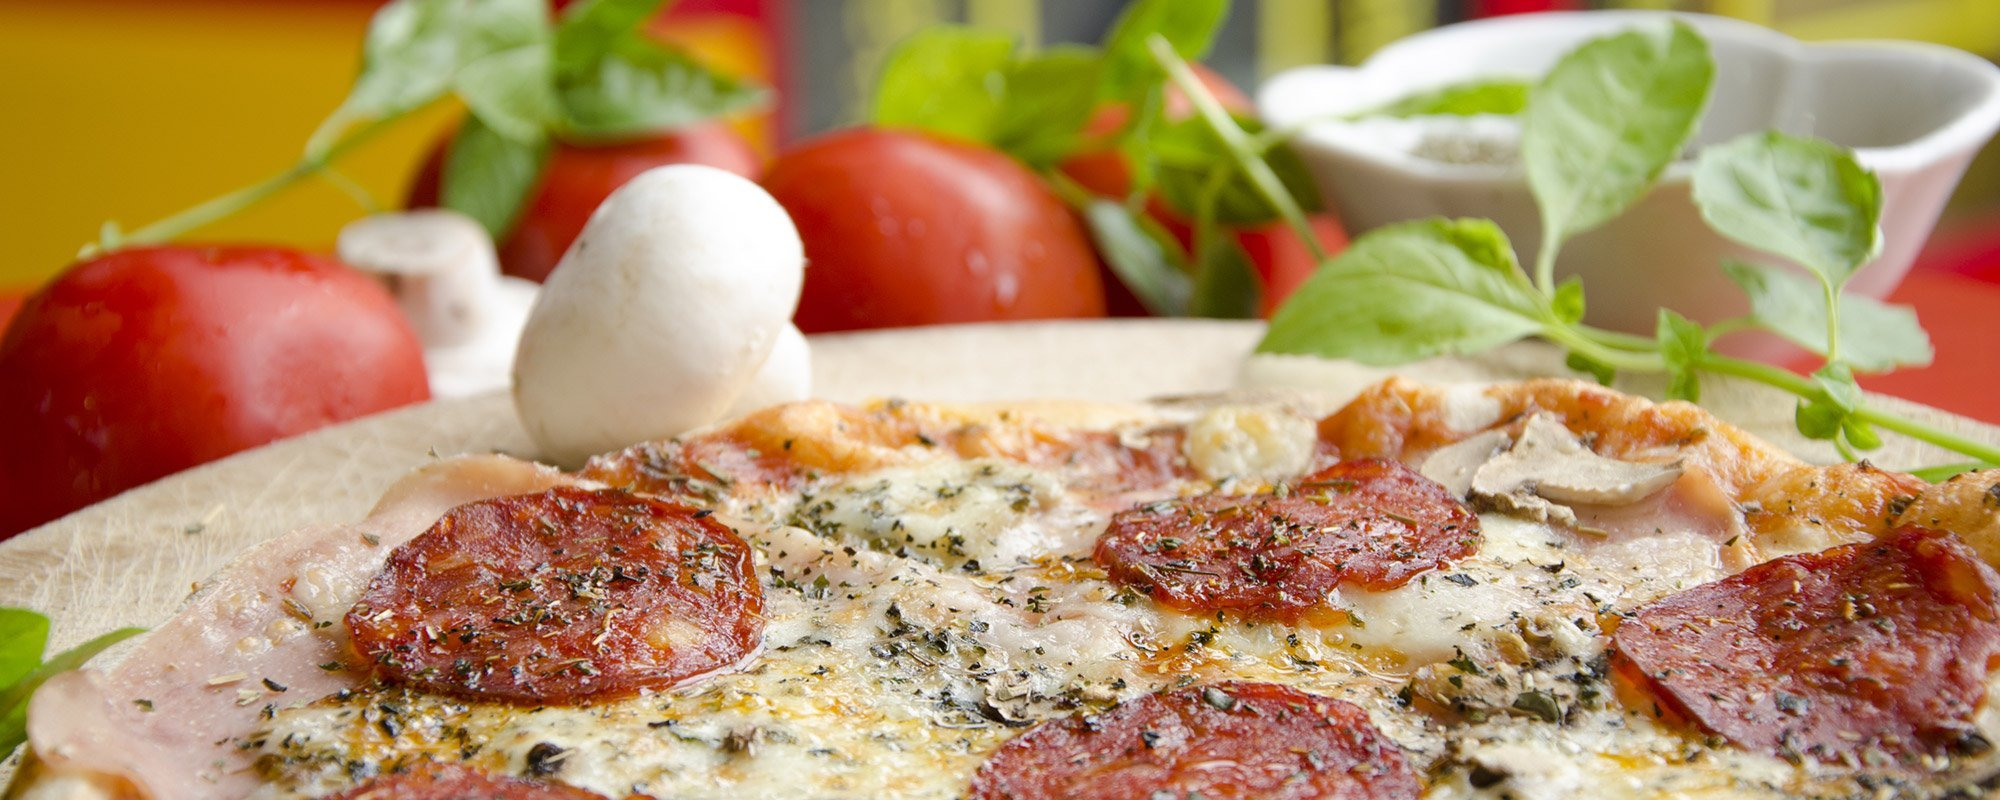 Pizza margherita a Pinerolo